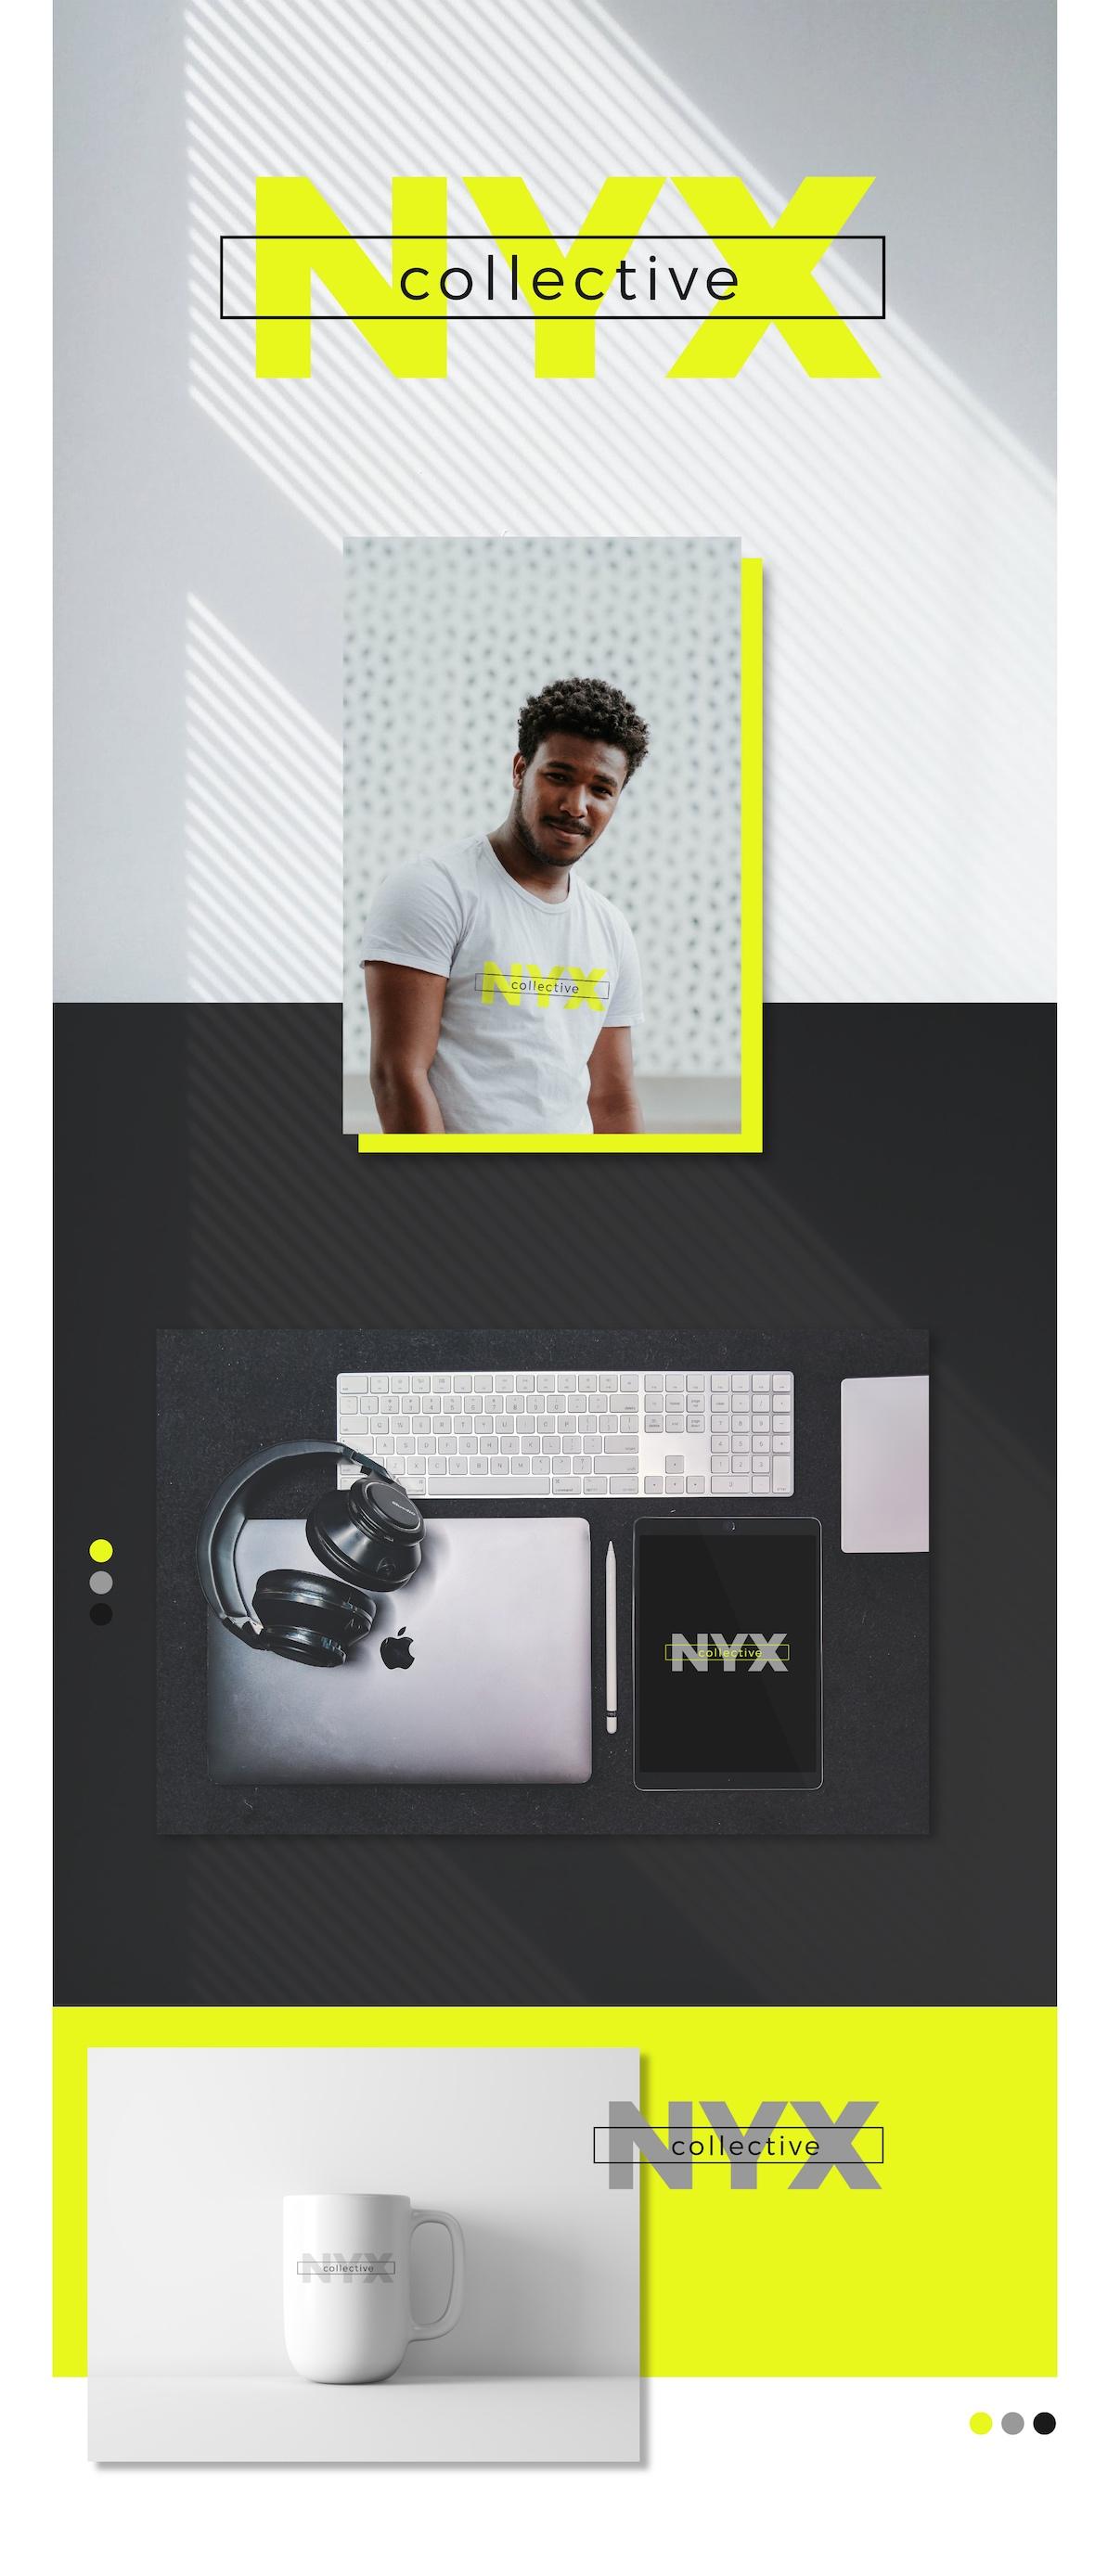 nyx collective logo design